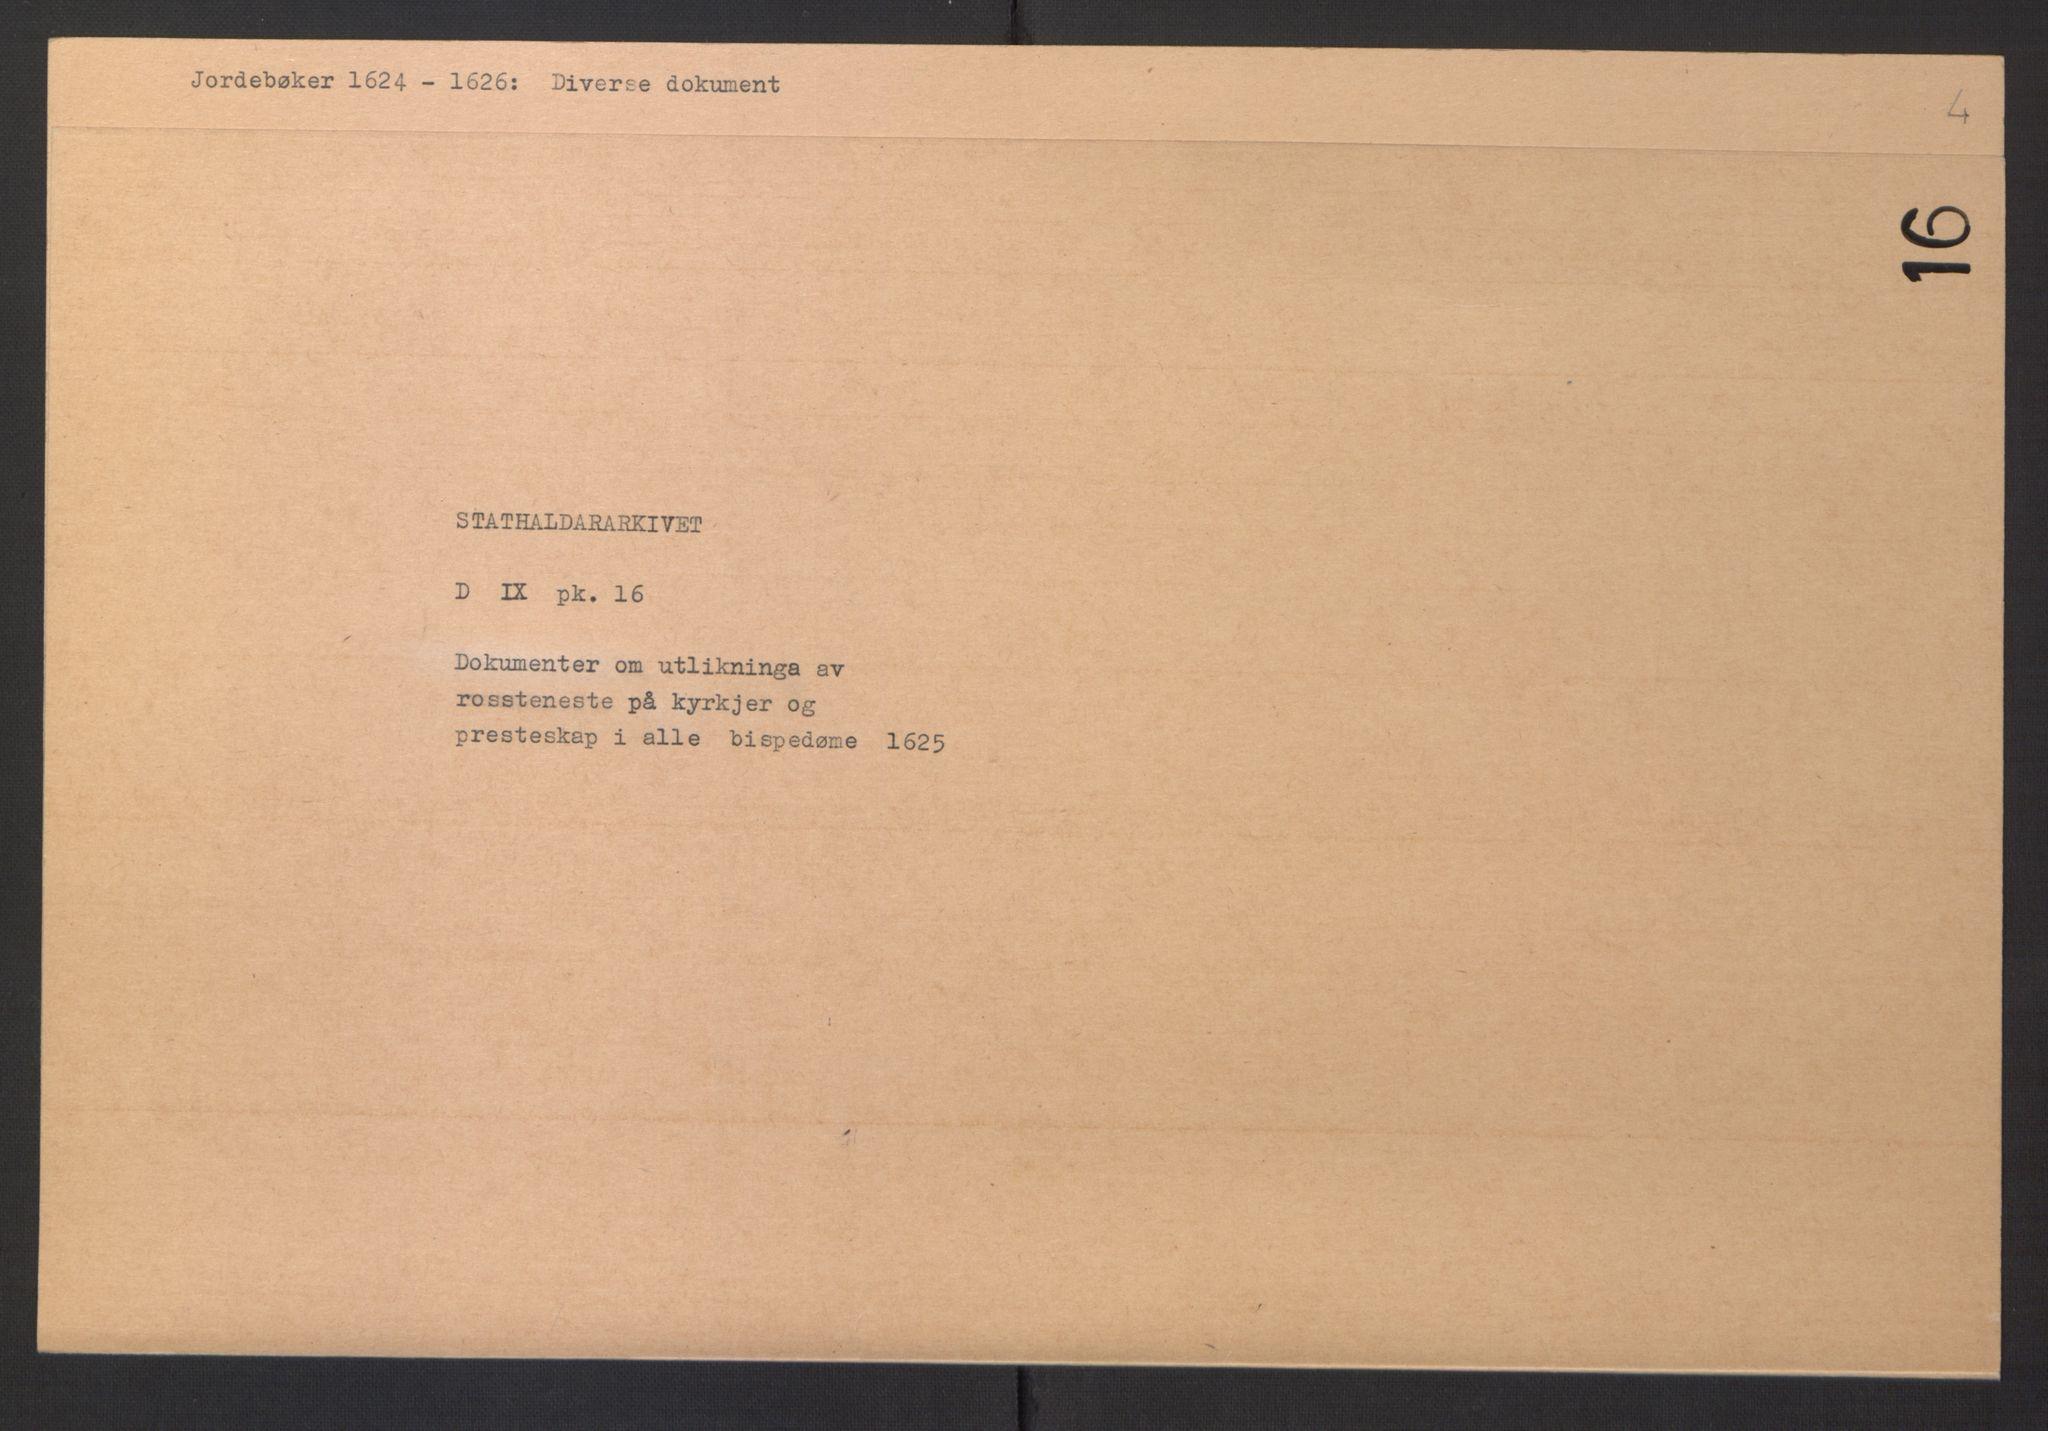 RA, Stattholderembetet 1572-1771, Ek/L0016: Jordebøker til utlikning av rosstjeneste 1624-1626:, 1625, s. 2